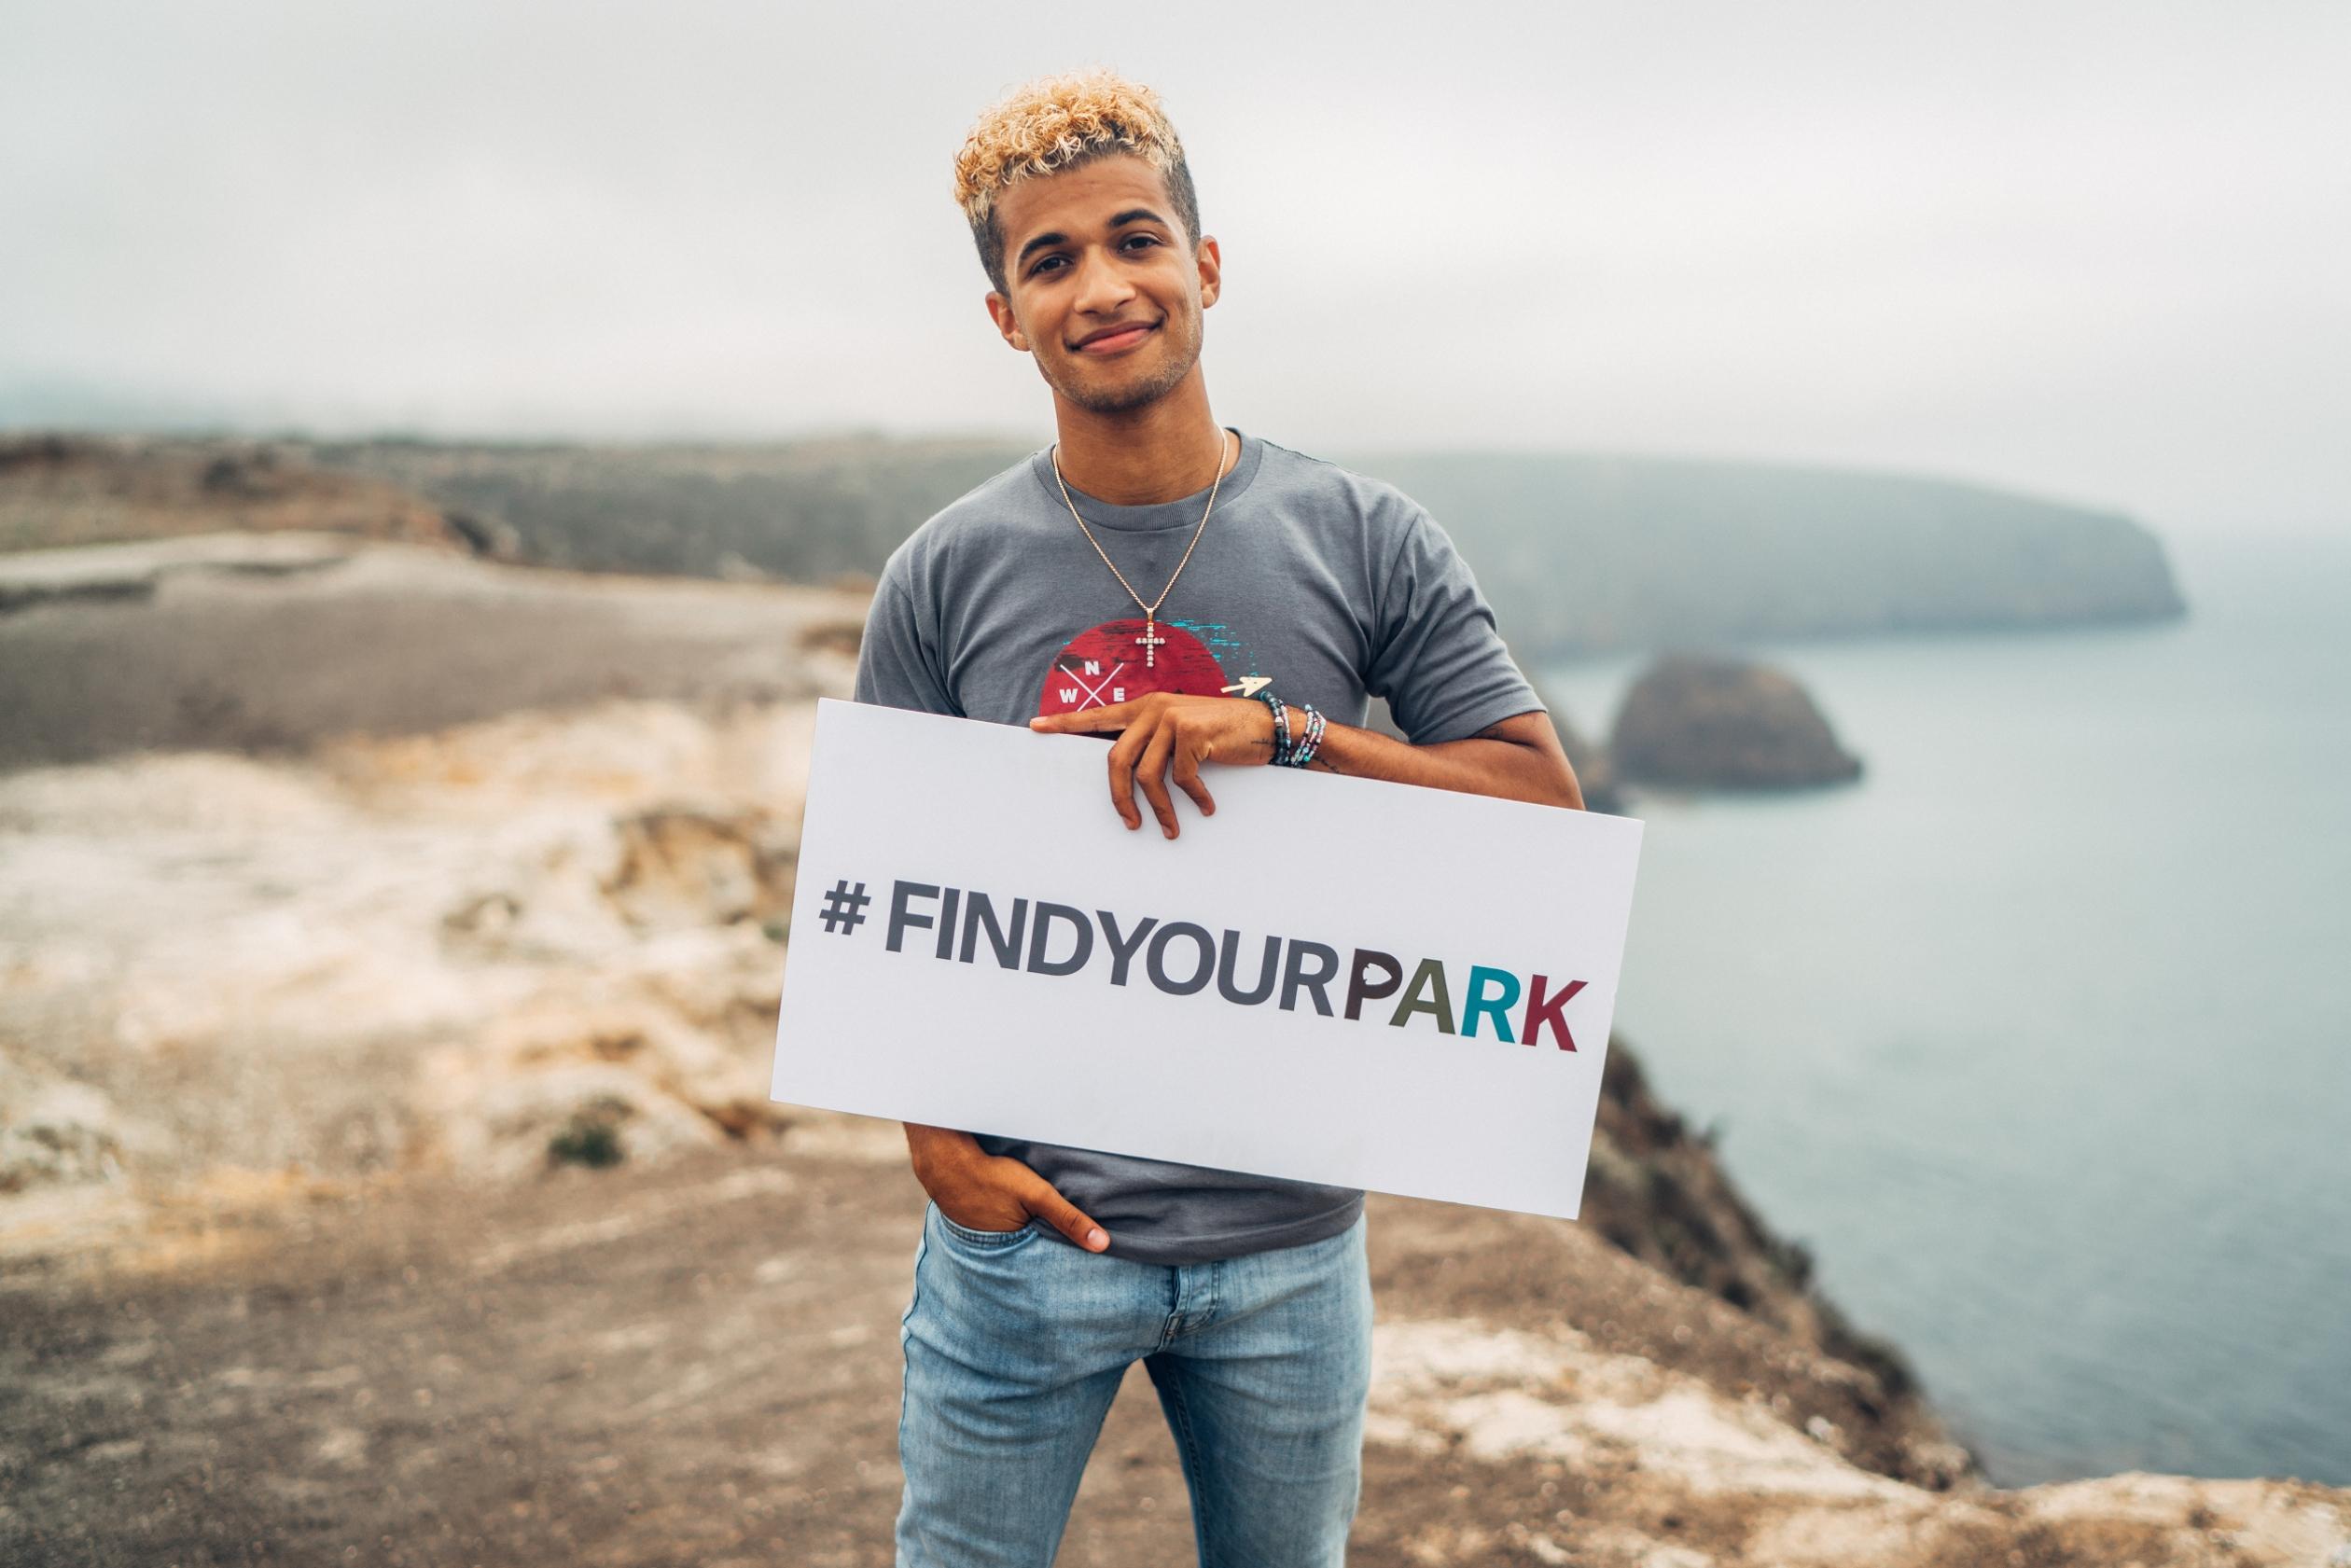 Jordan Fisher at Channel Islands National Park